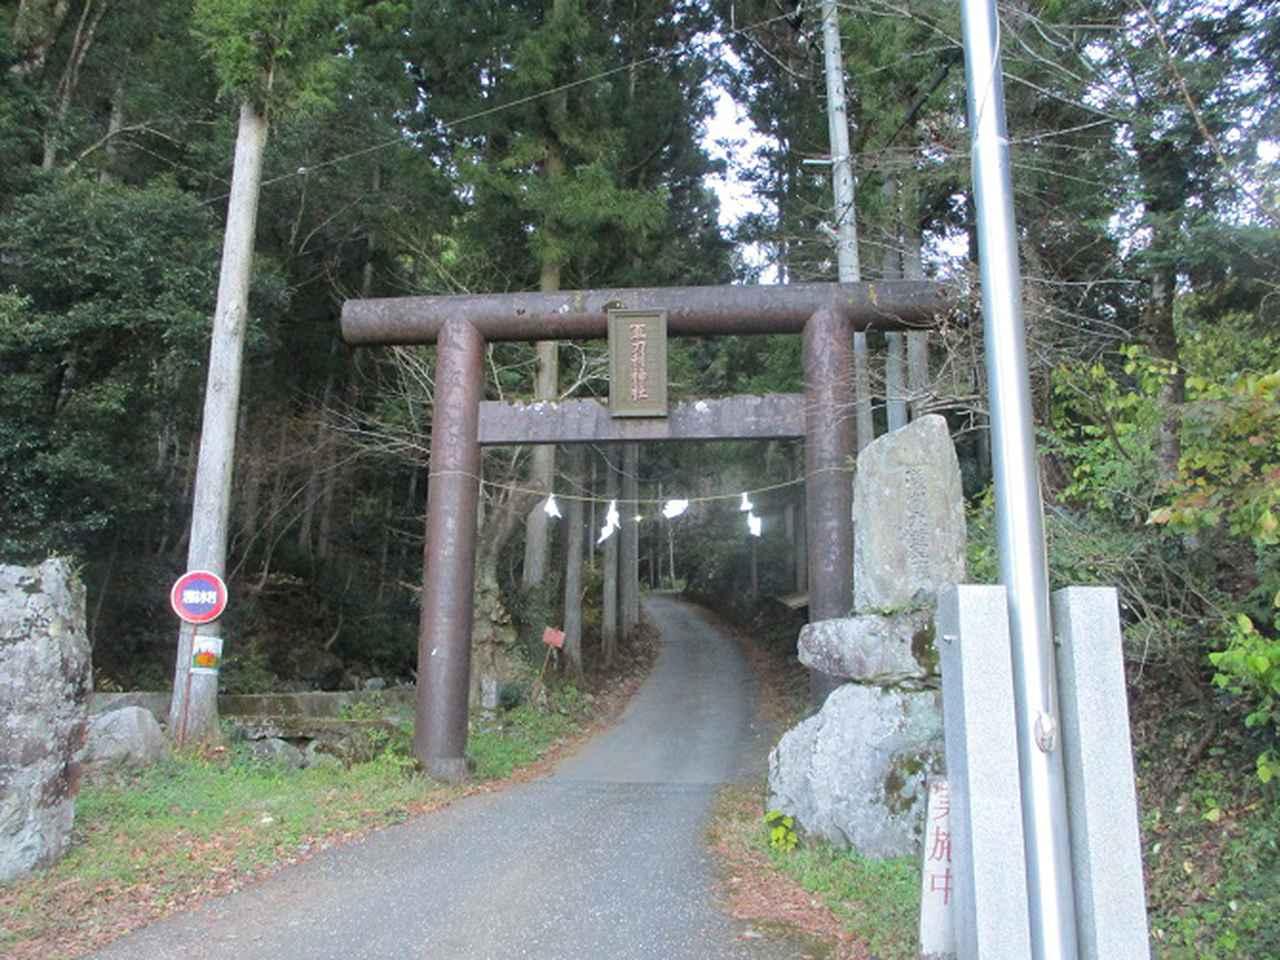 画像1: 12月の山旅会 生藤山 ツアーの下見に行ってきました!